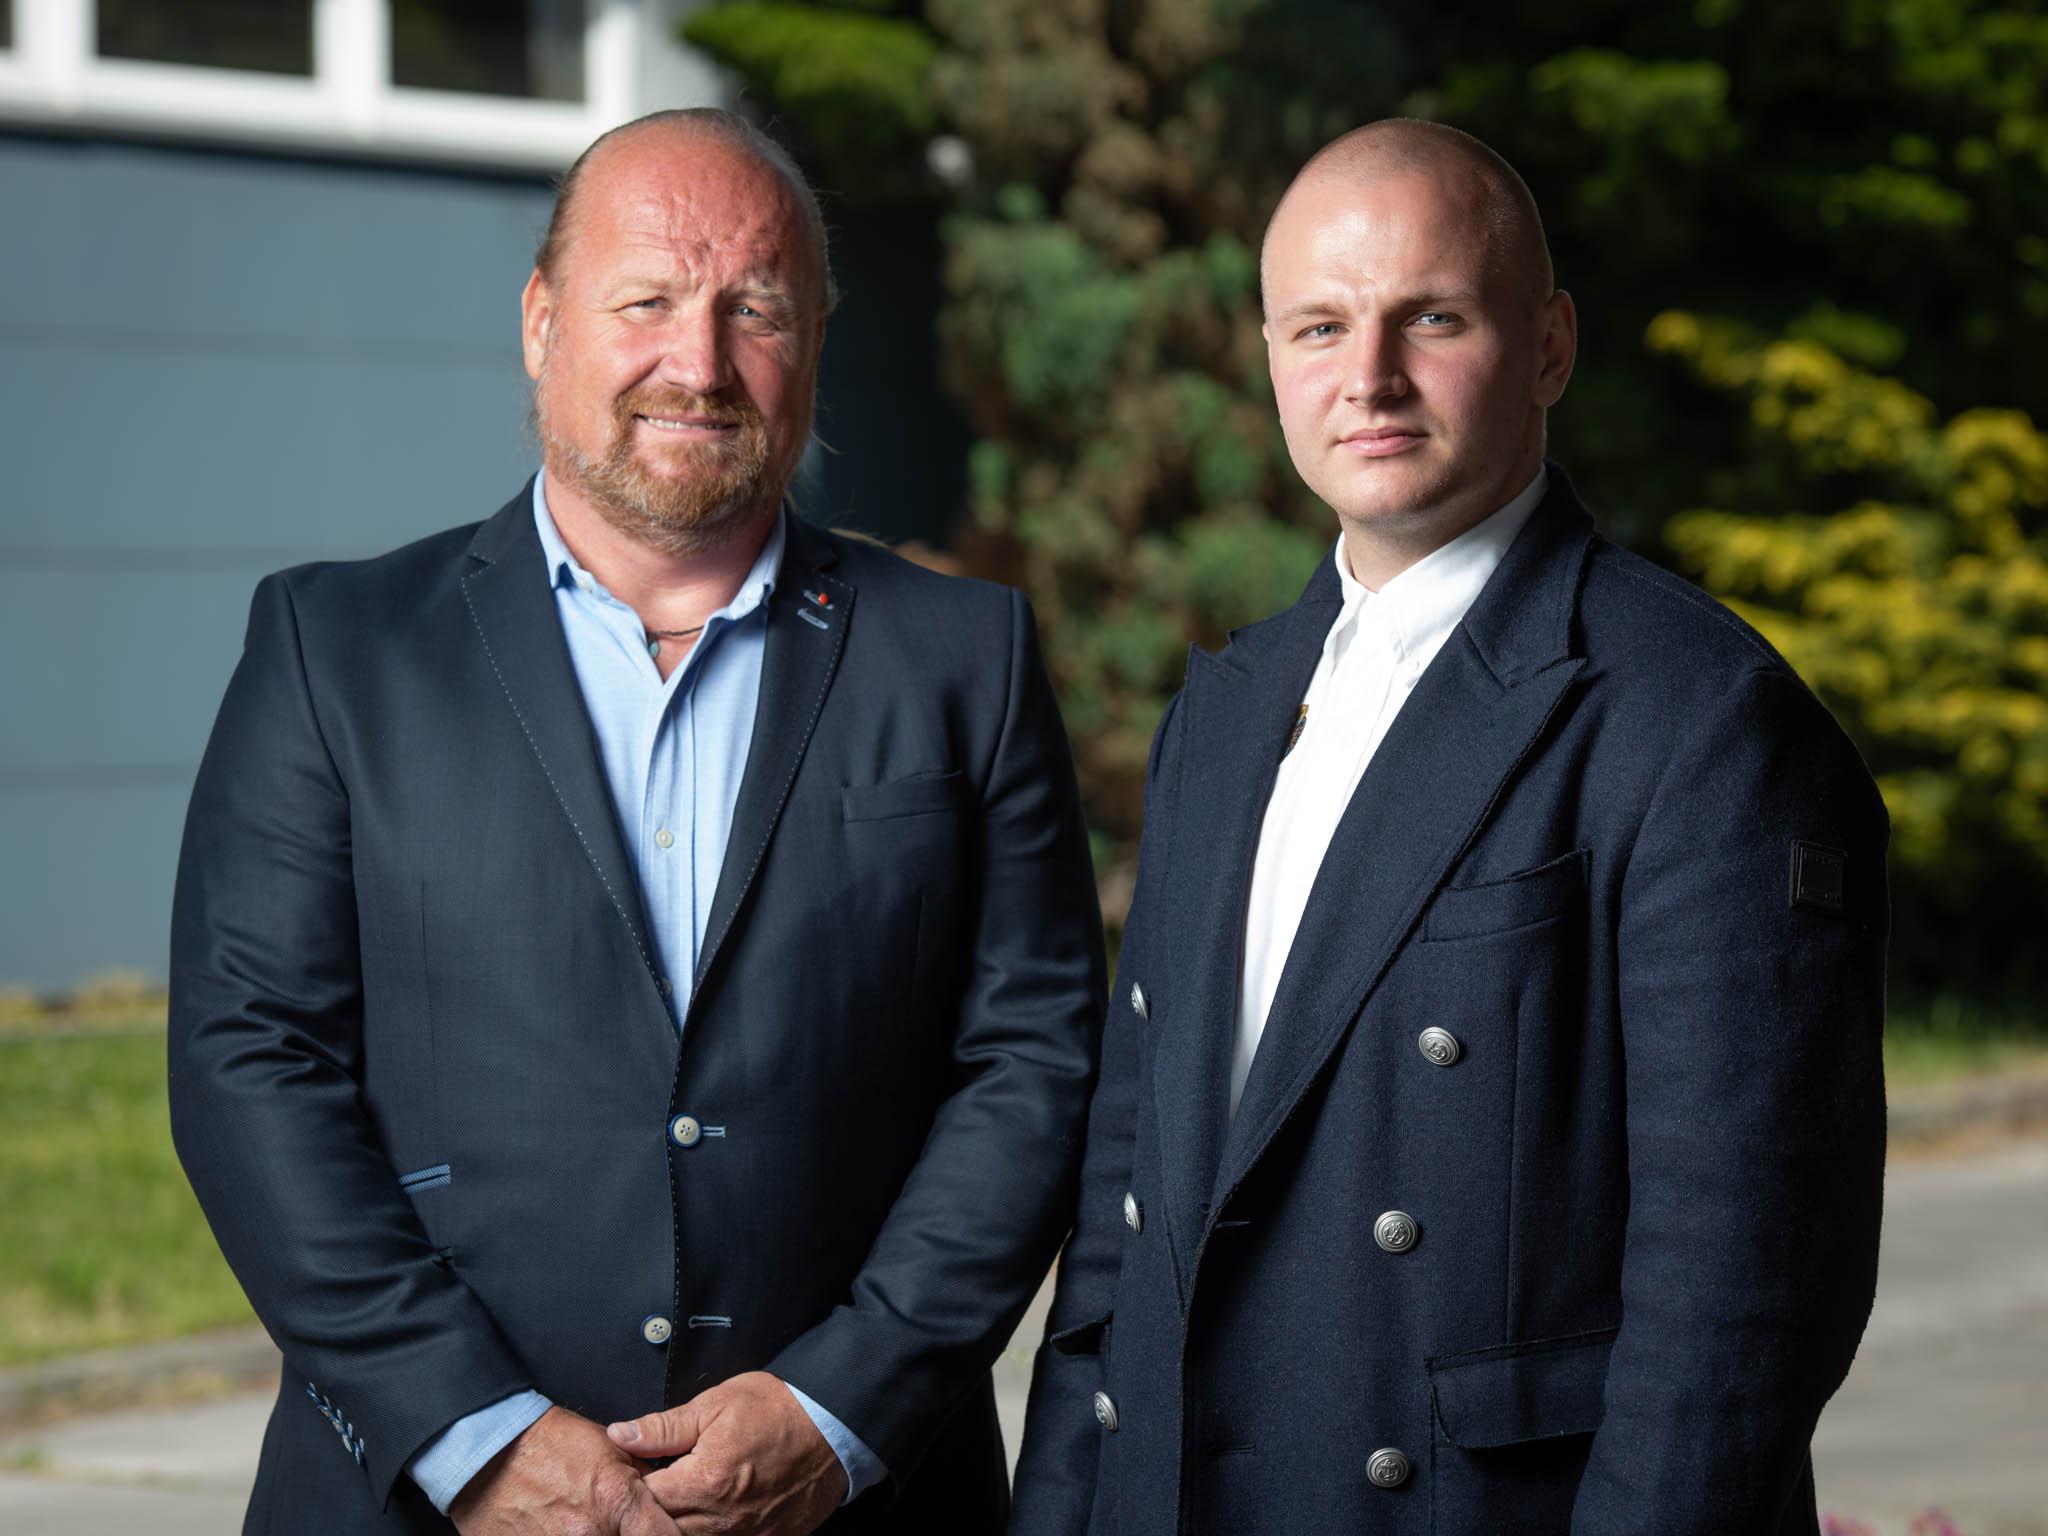 Nanoroušky v Turnově vyrábí společnost Cubo Investments, za kterou stojí otec a syn Kostkové, oba Antonínové.